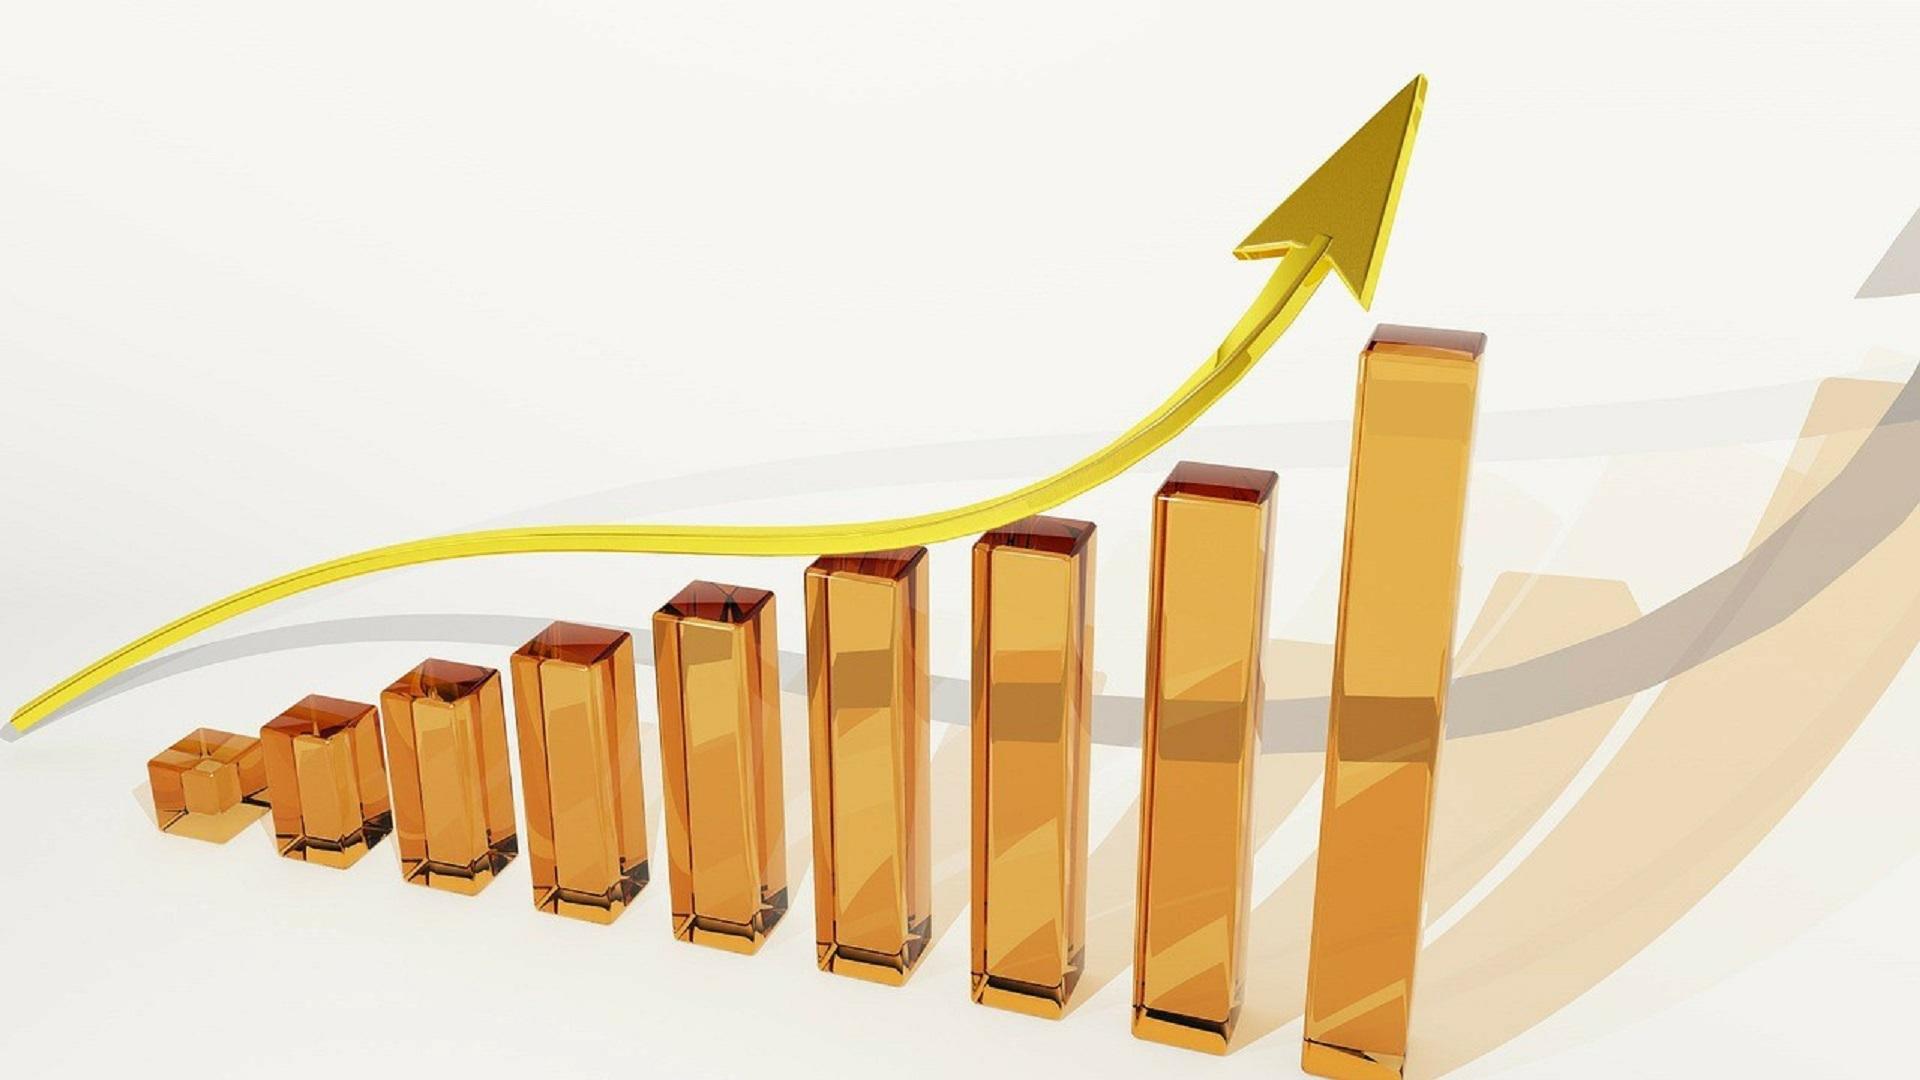 Zájemců o hypotéky ubývá, na vině jsou úrokové sazby a chystané intervence.